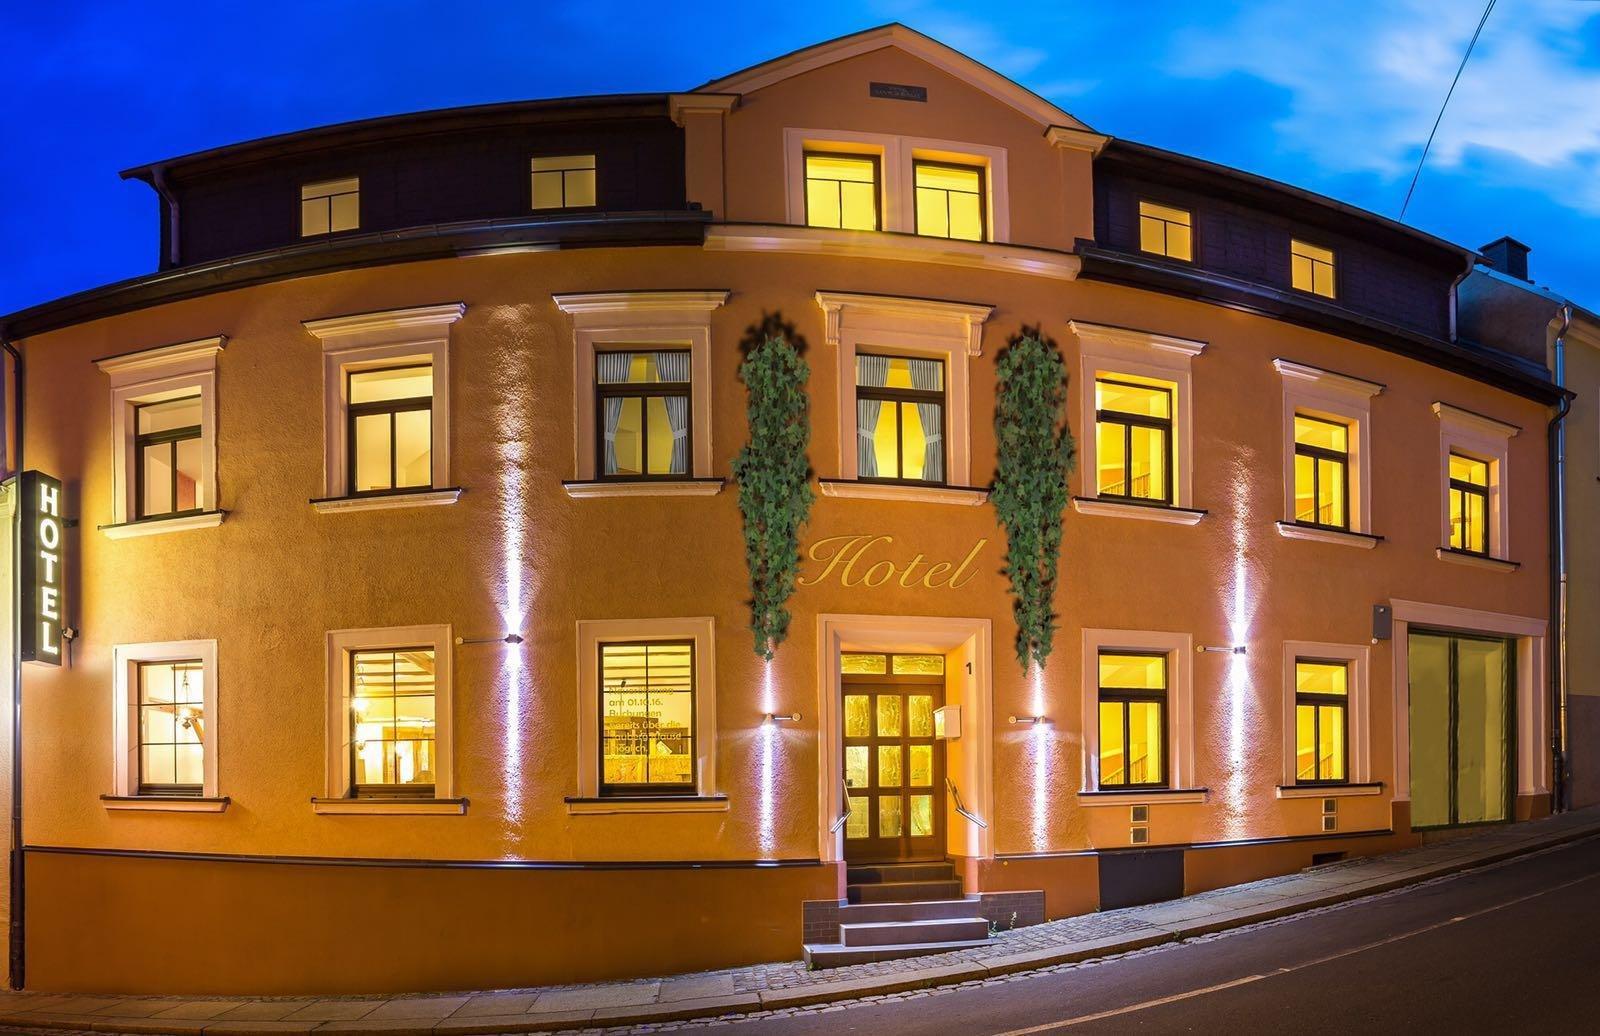 Kuschelgetuschel® im Hotel Am Markt in Ehrenfriedersdorf